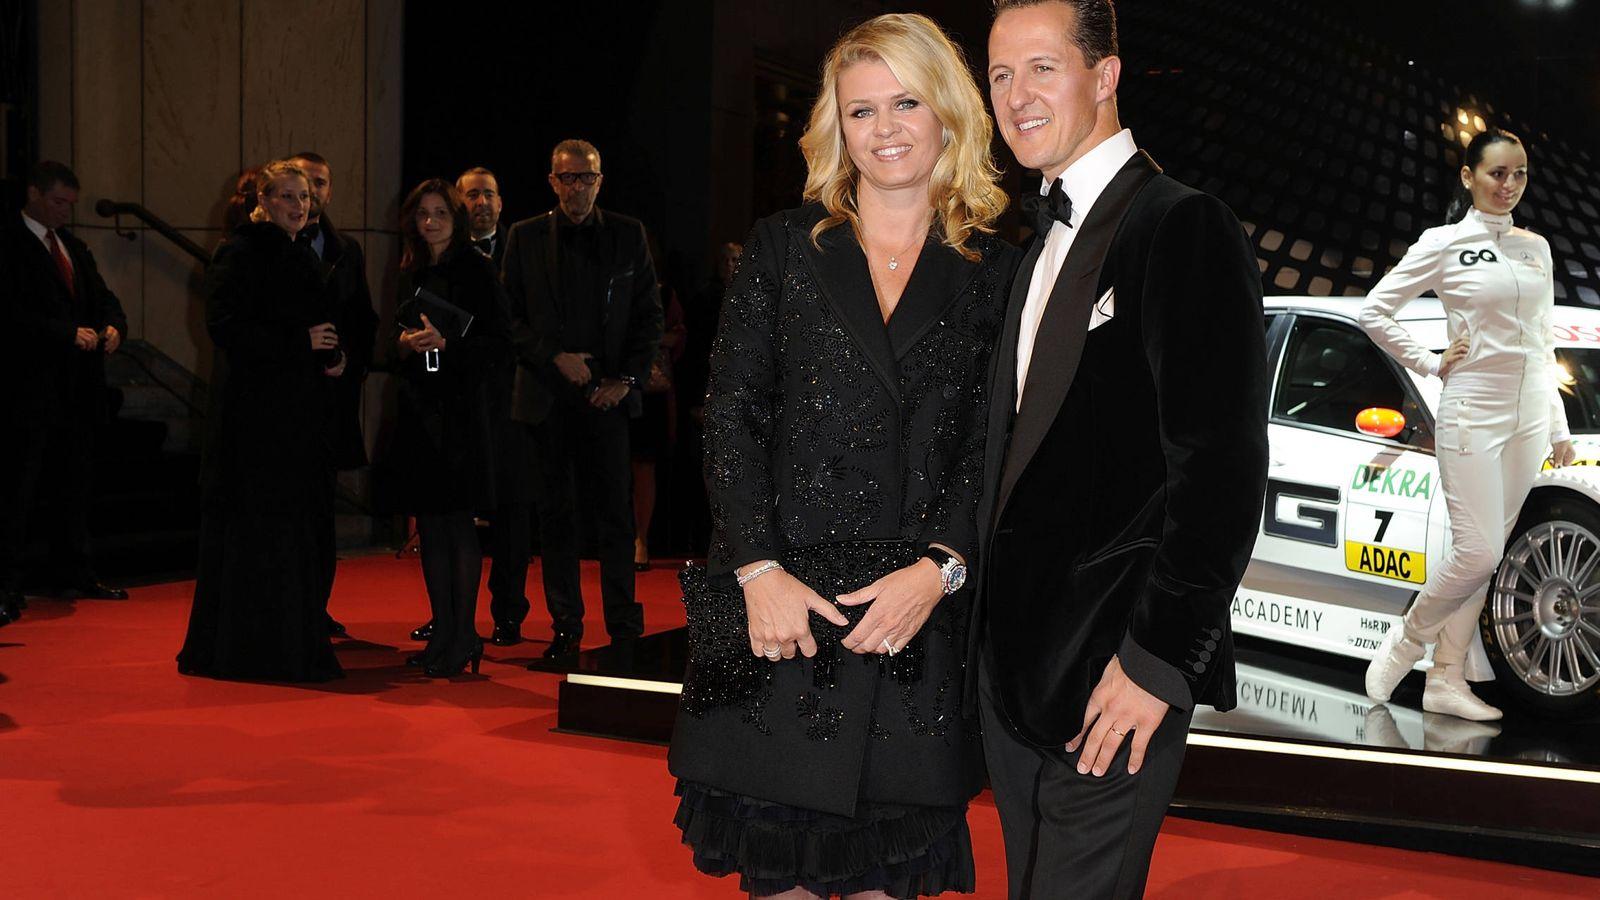 Foto: El matrimonio Schumacher en Berlín, en 2010. (Getty)